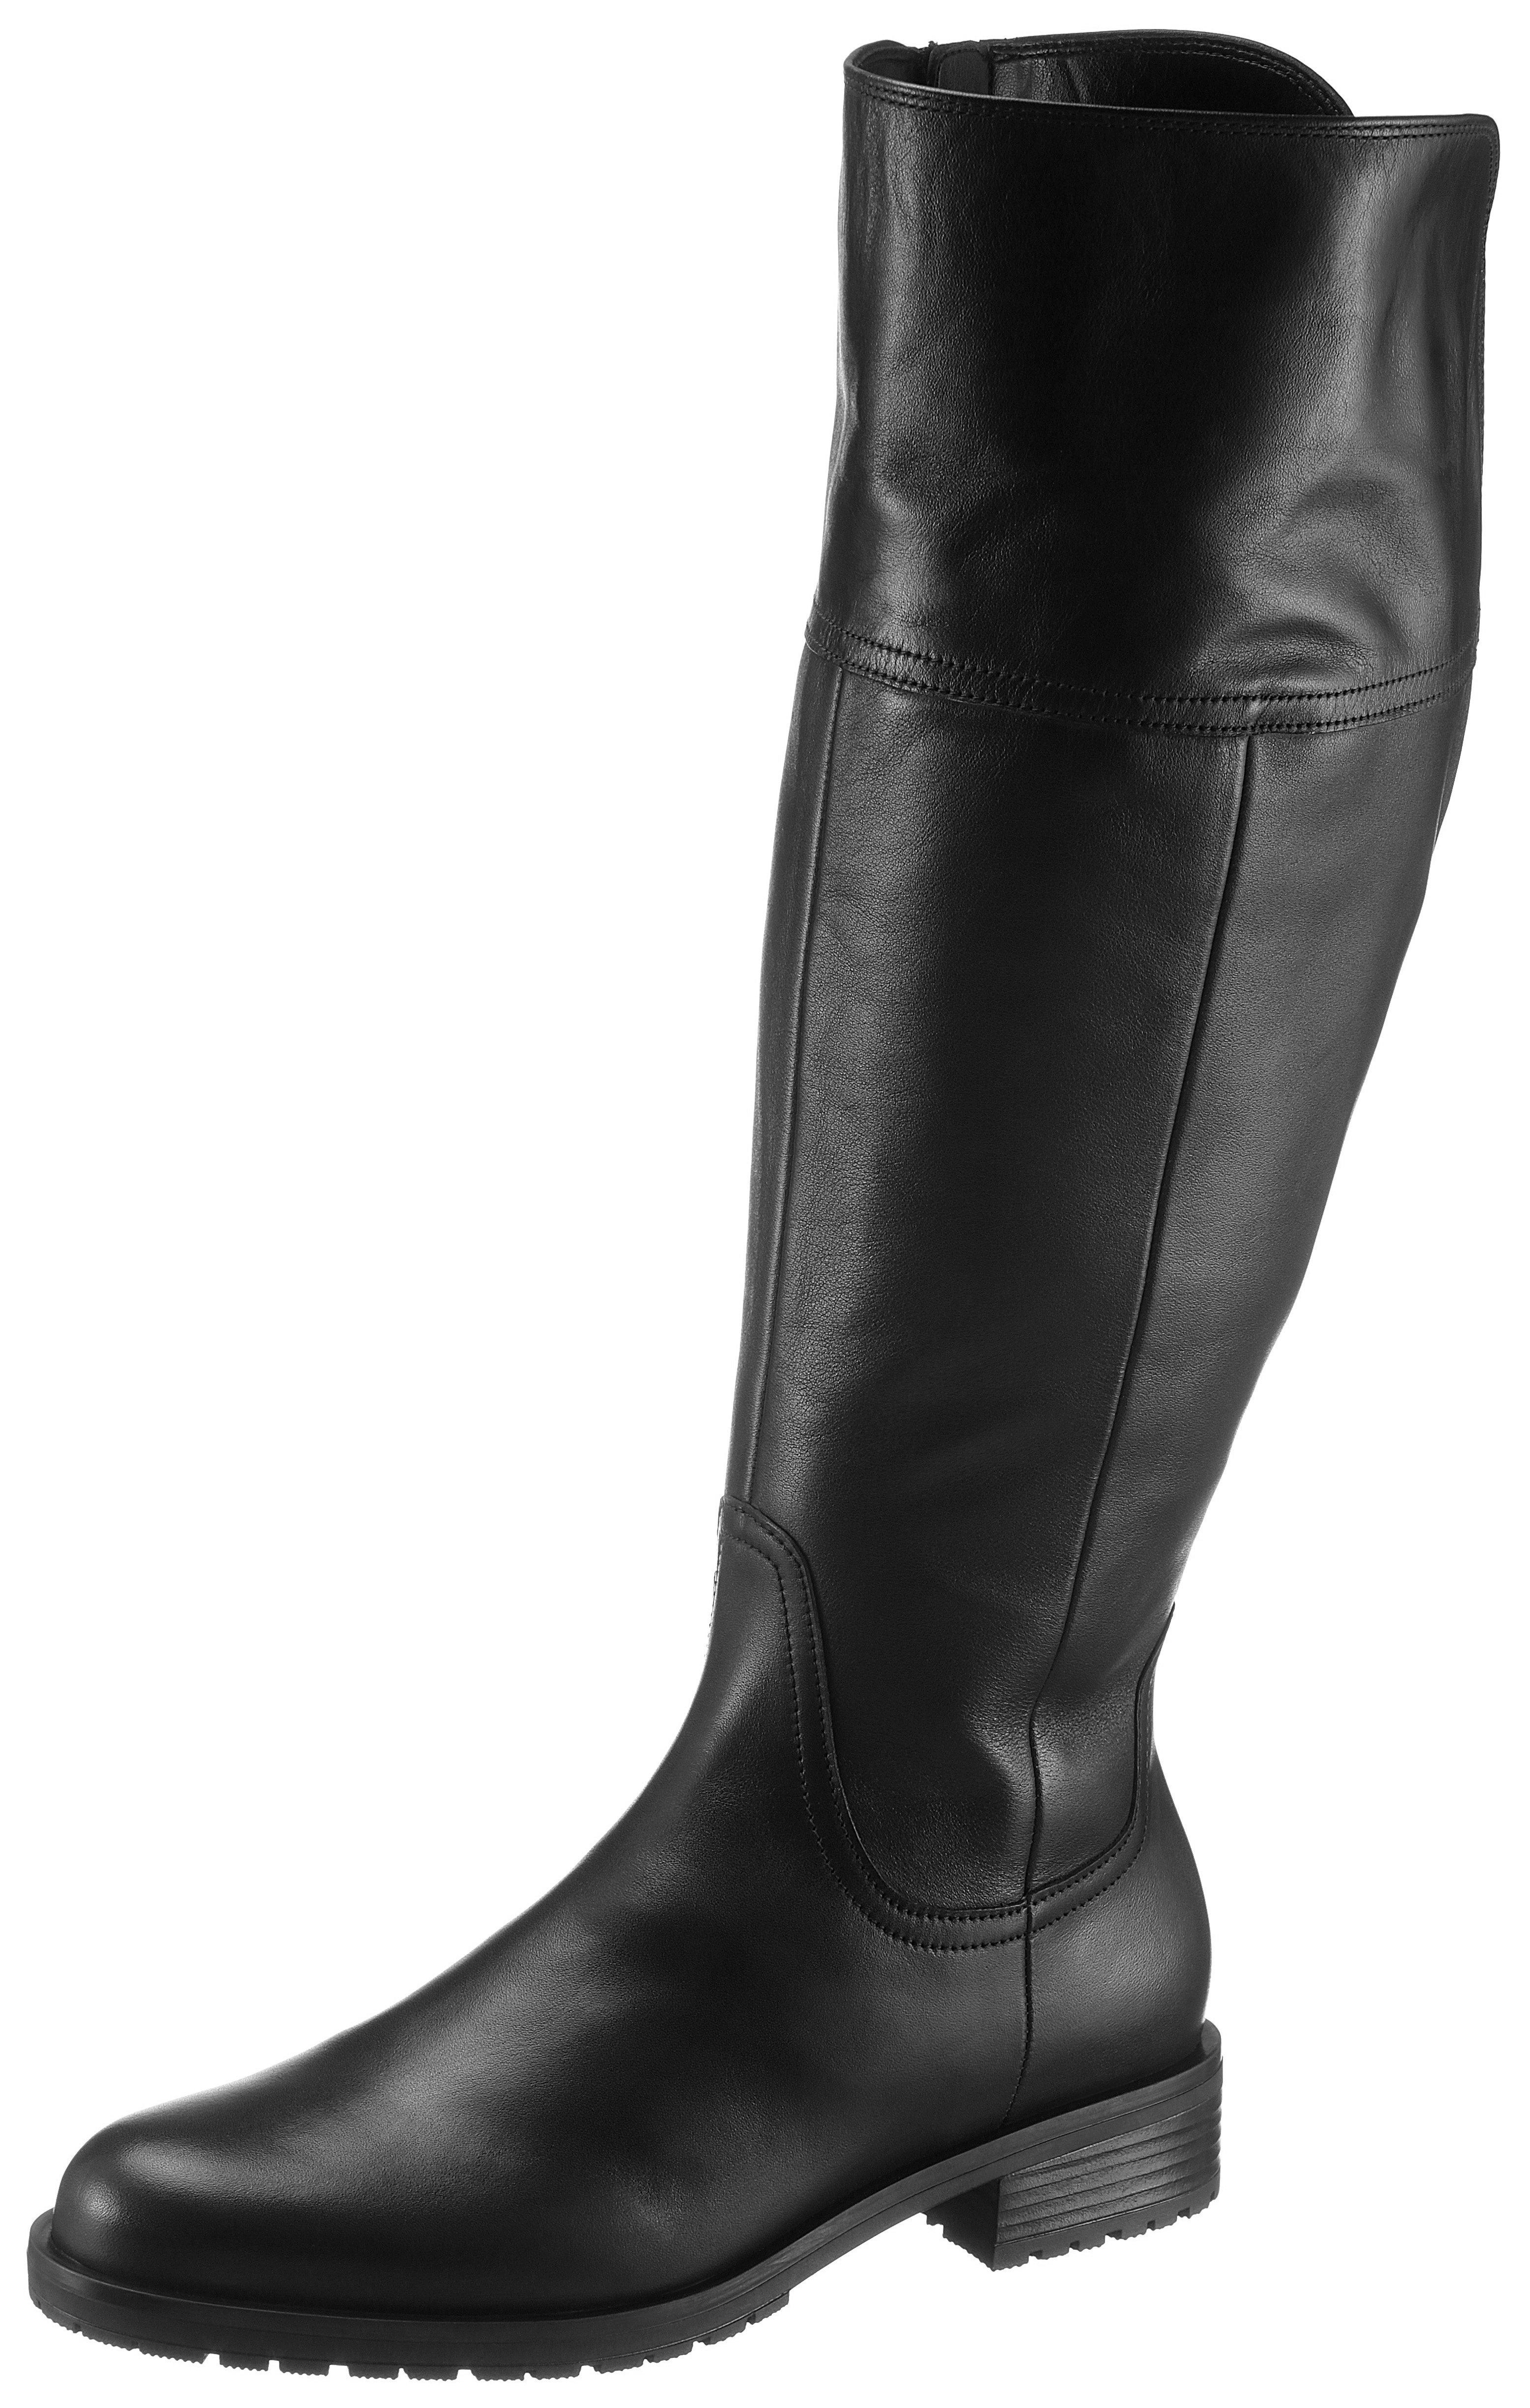 Gabor laarzen met wijde schacht Genua in ruiterlaarzen-look goedkoop op otto.nl kopen